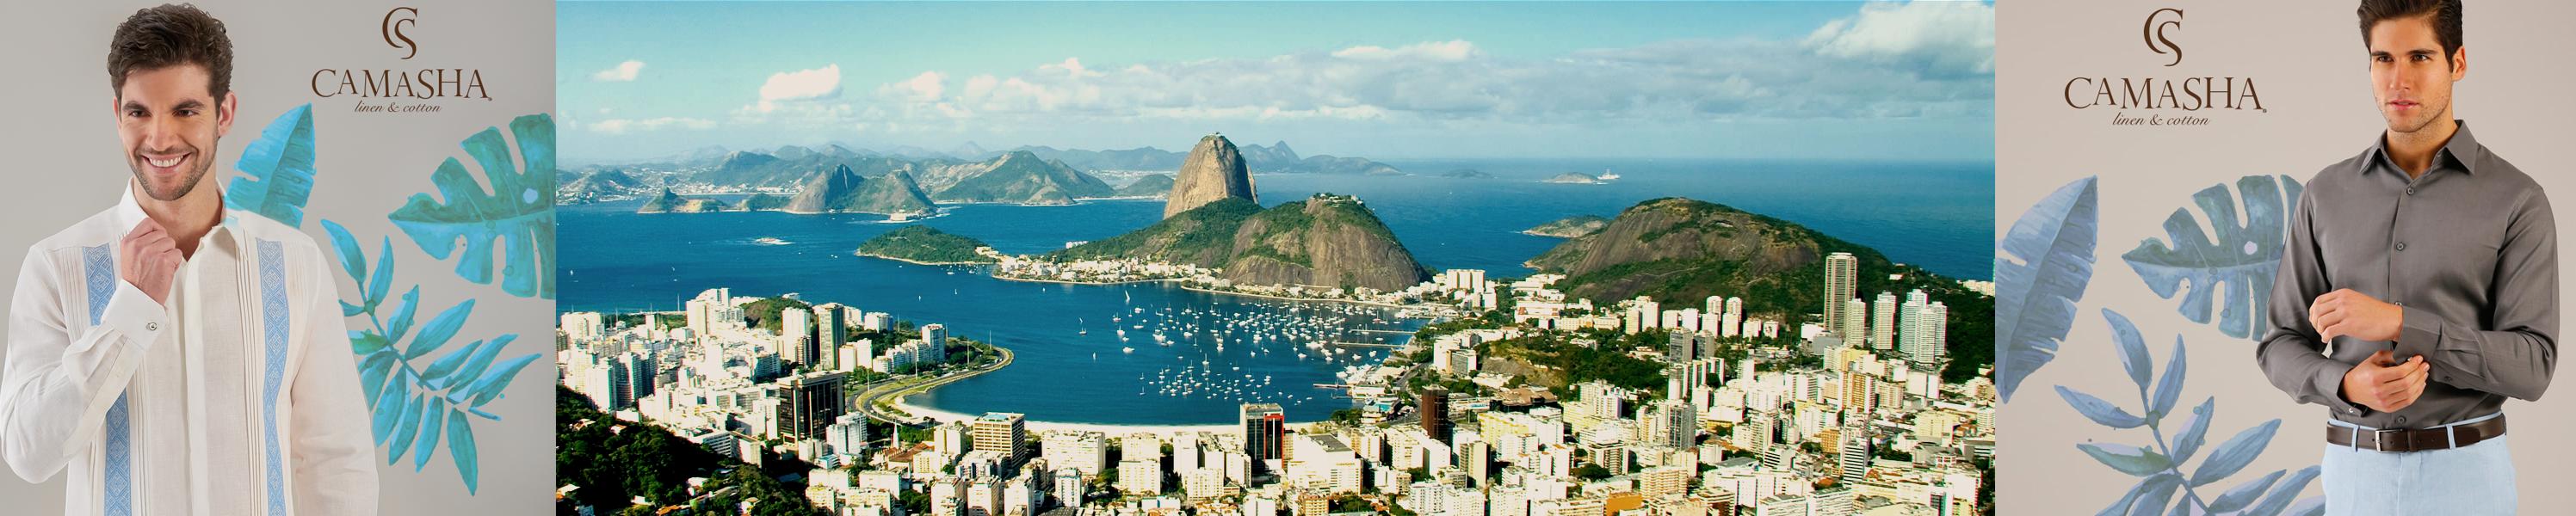 El mejor match: Rio&Camasha. Lucirás fresco y elegante en esta hermosa ciudad con cualquier de los outfits Camasha.